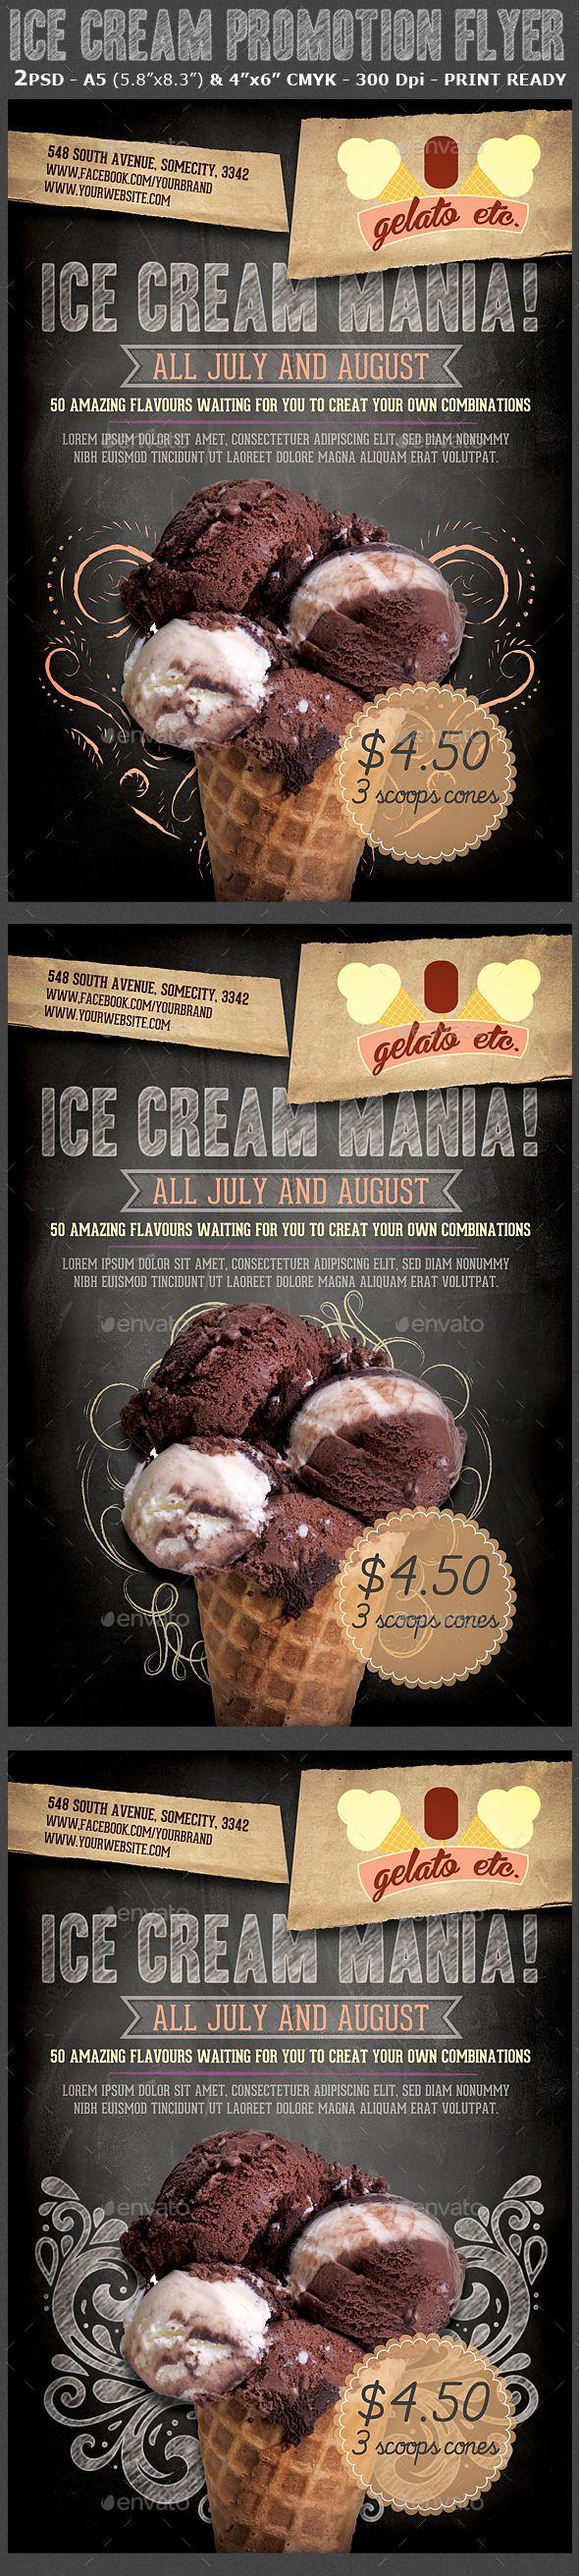 Ice Cream Shop Promotion Flyer Template | Heladerías, Folletos y ...